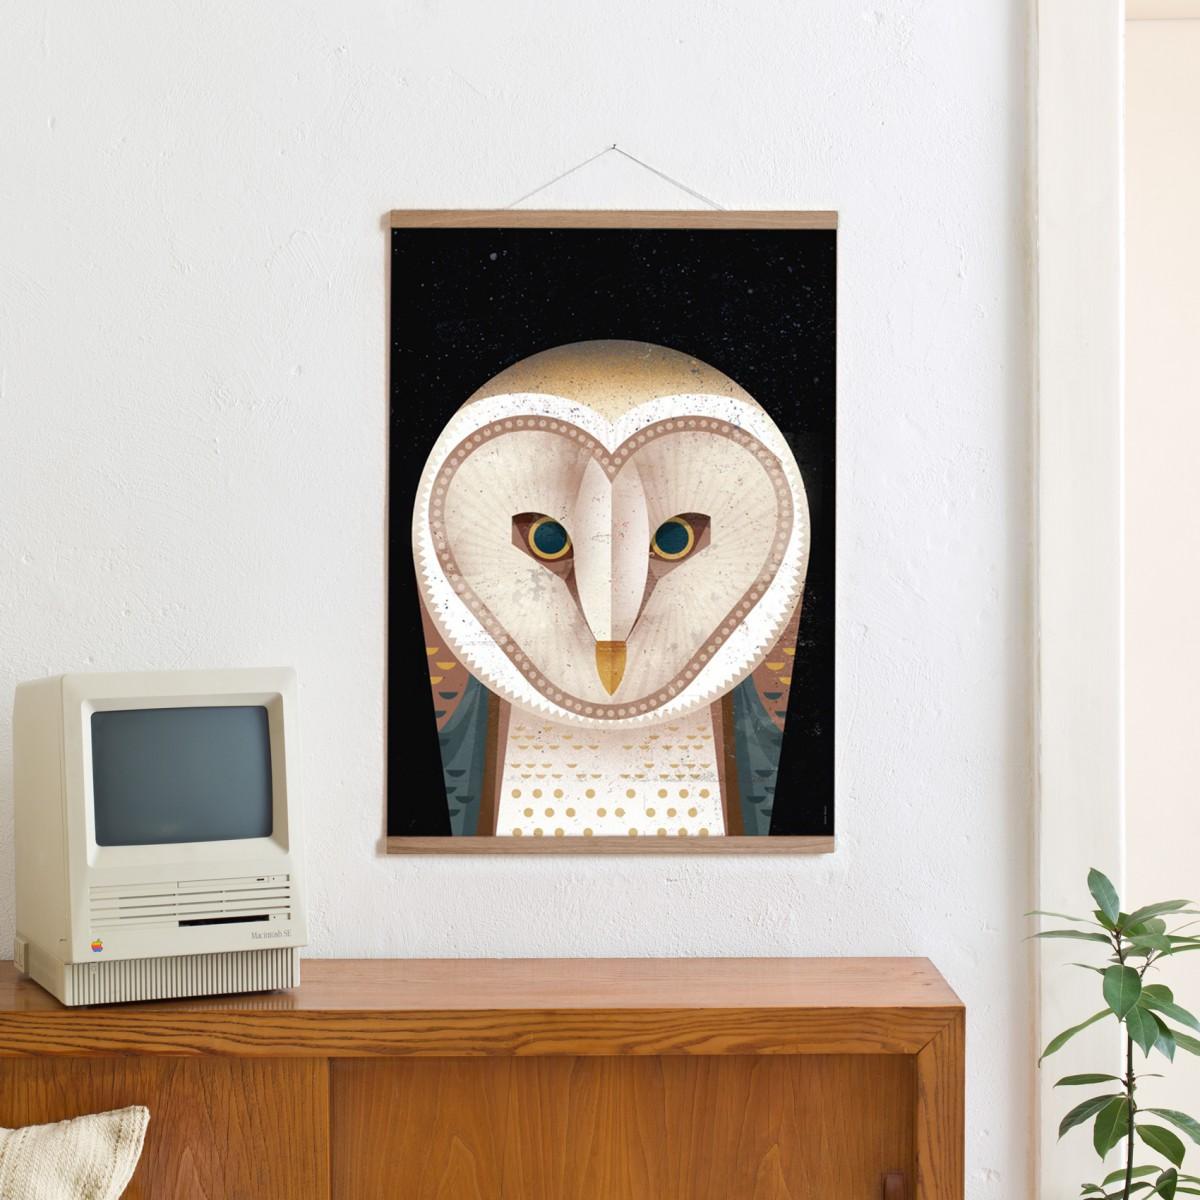 KLEINWAREN / VON LAUFENBERG Set / Barn Owl + Posterleiste Eiche 50cm